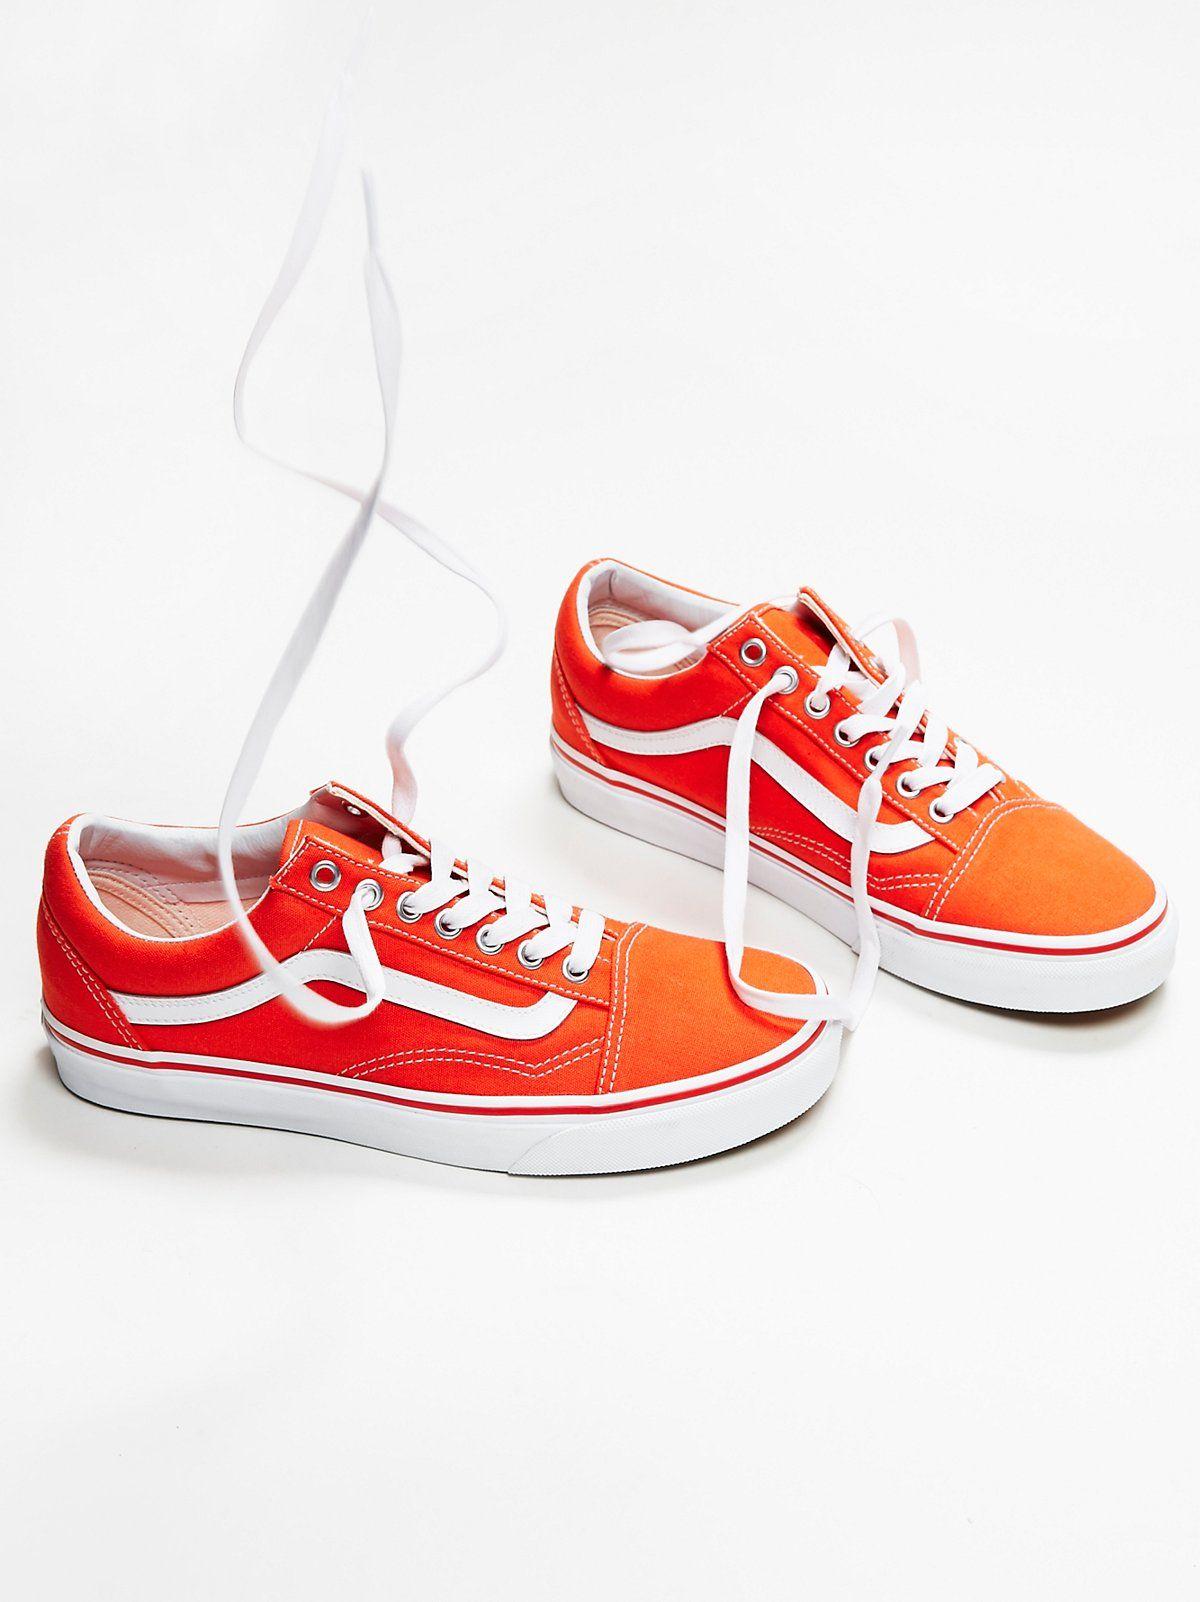 Old Skool Canvas Sneakers | Orange vans